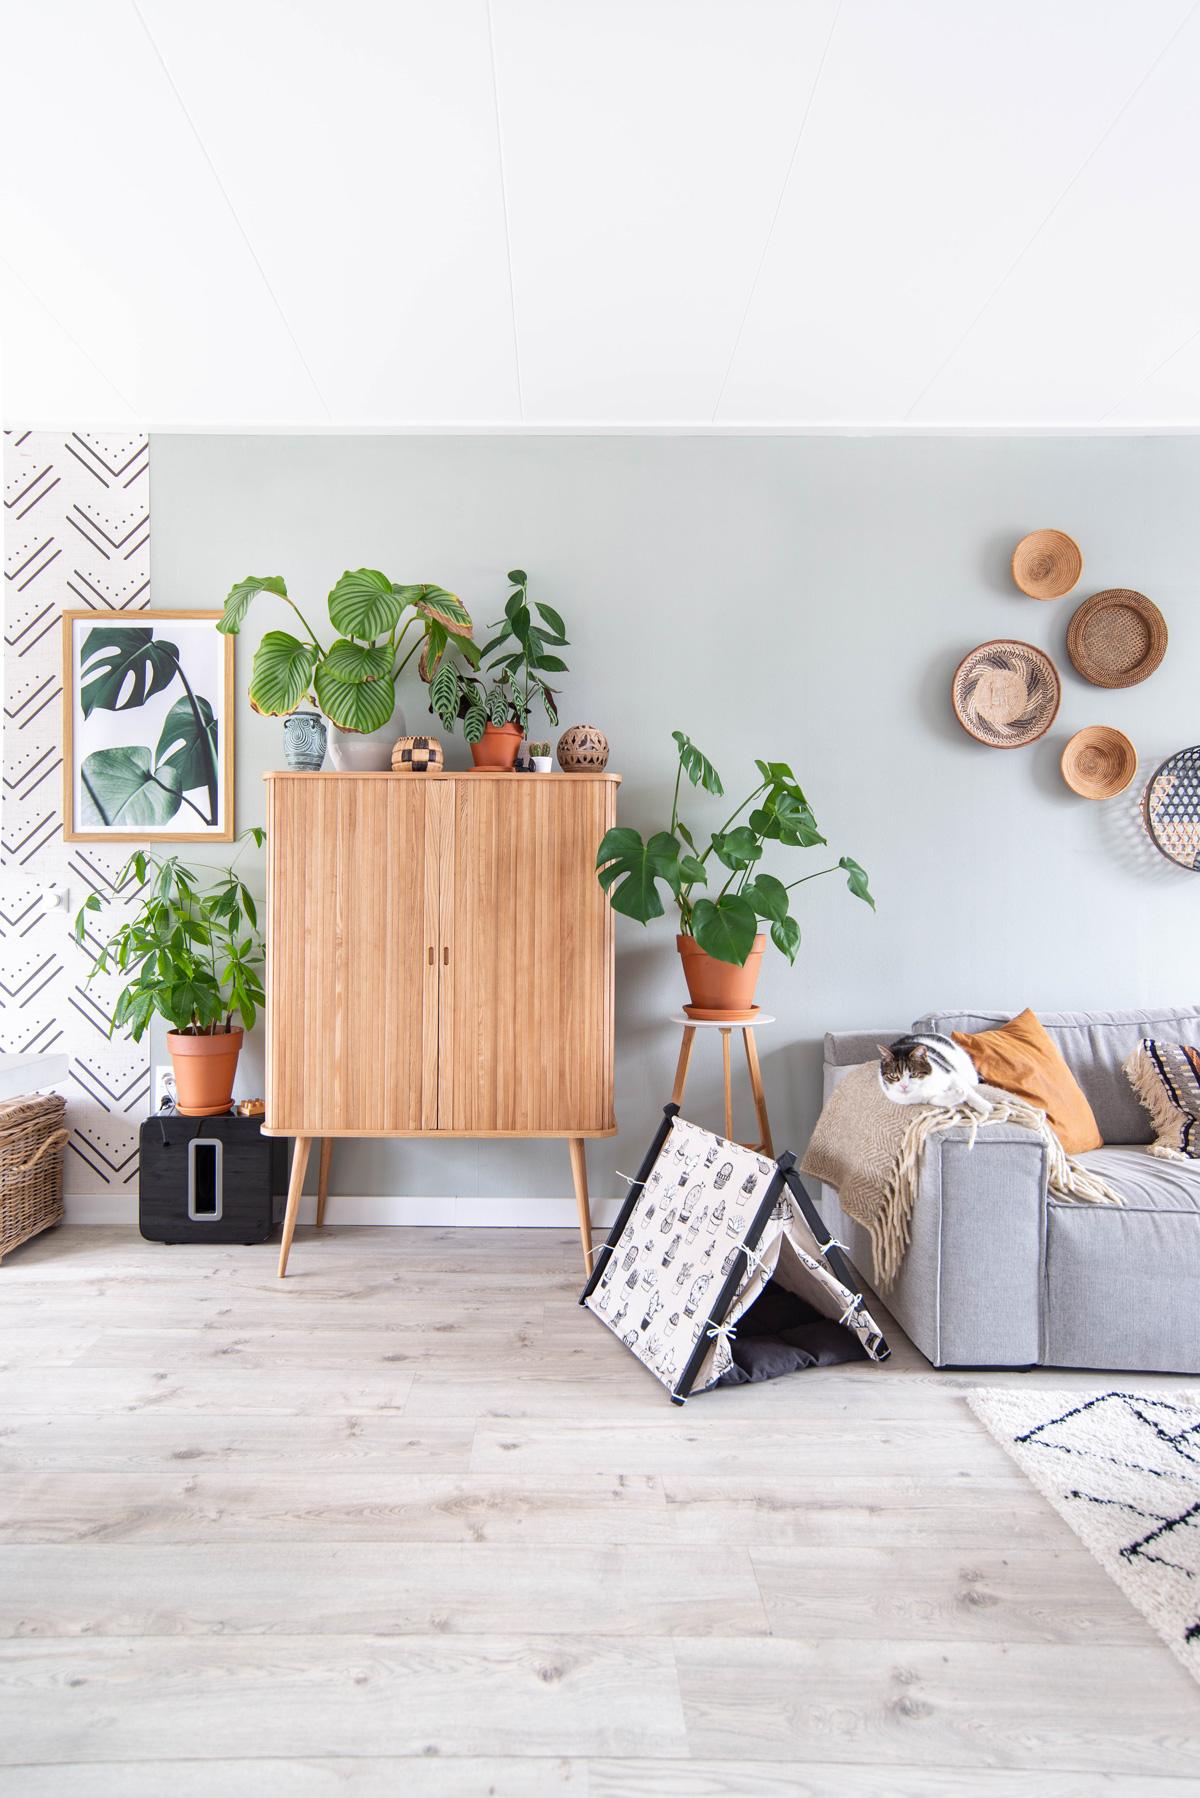 keeelly91 blogger zuiver barbier kast interieur inspiratie bohemian woonkamer vintage desenio wallpaper murals homeinspo planten groen in huis